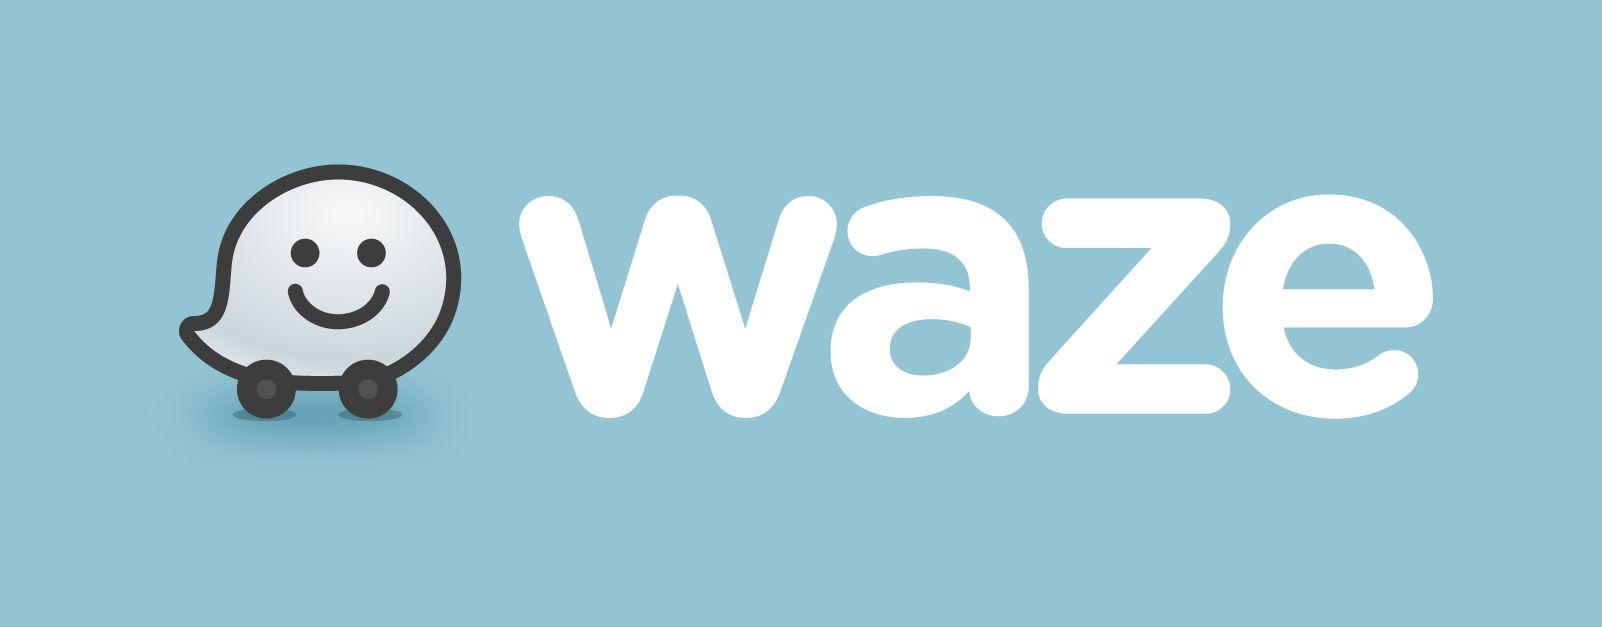 aplicativosmaisbaixados-waze